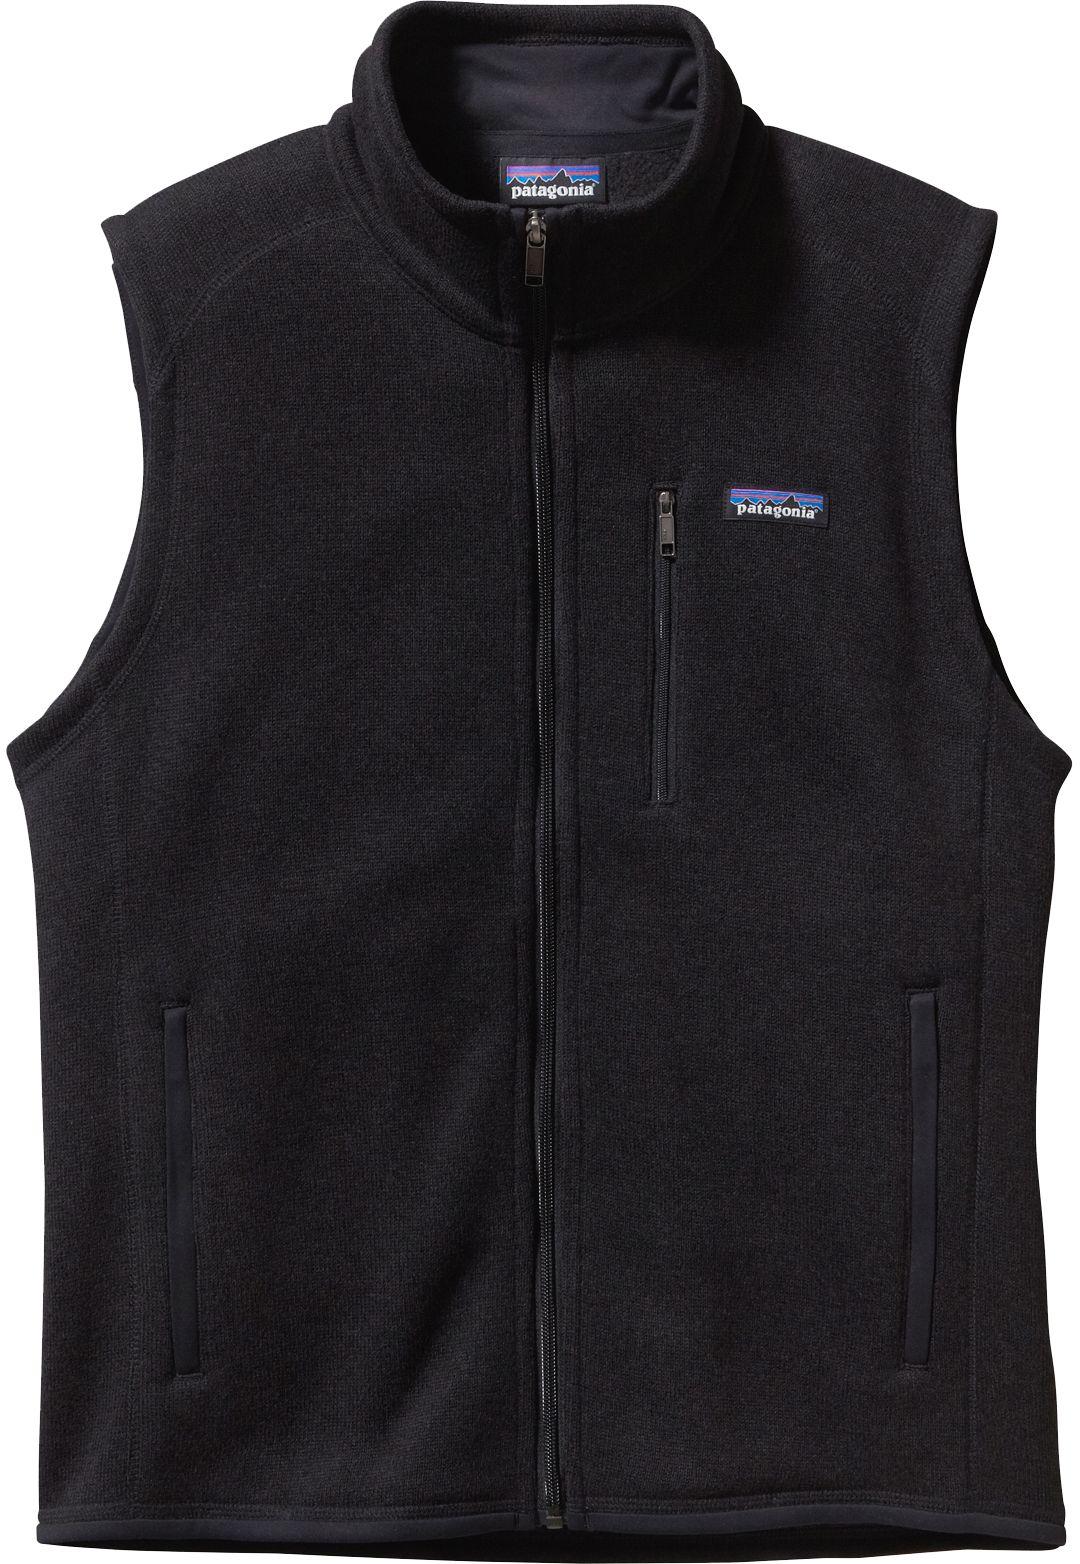 Patagonia Men S Better Sweater Fleece Vest